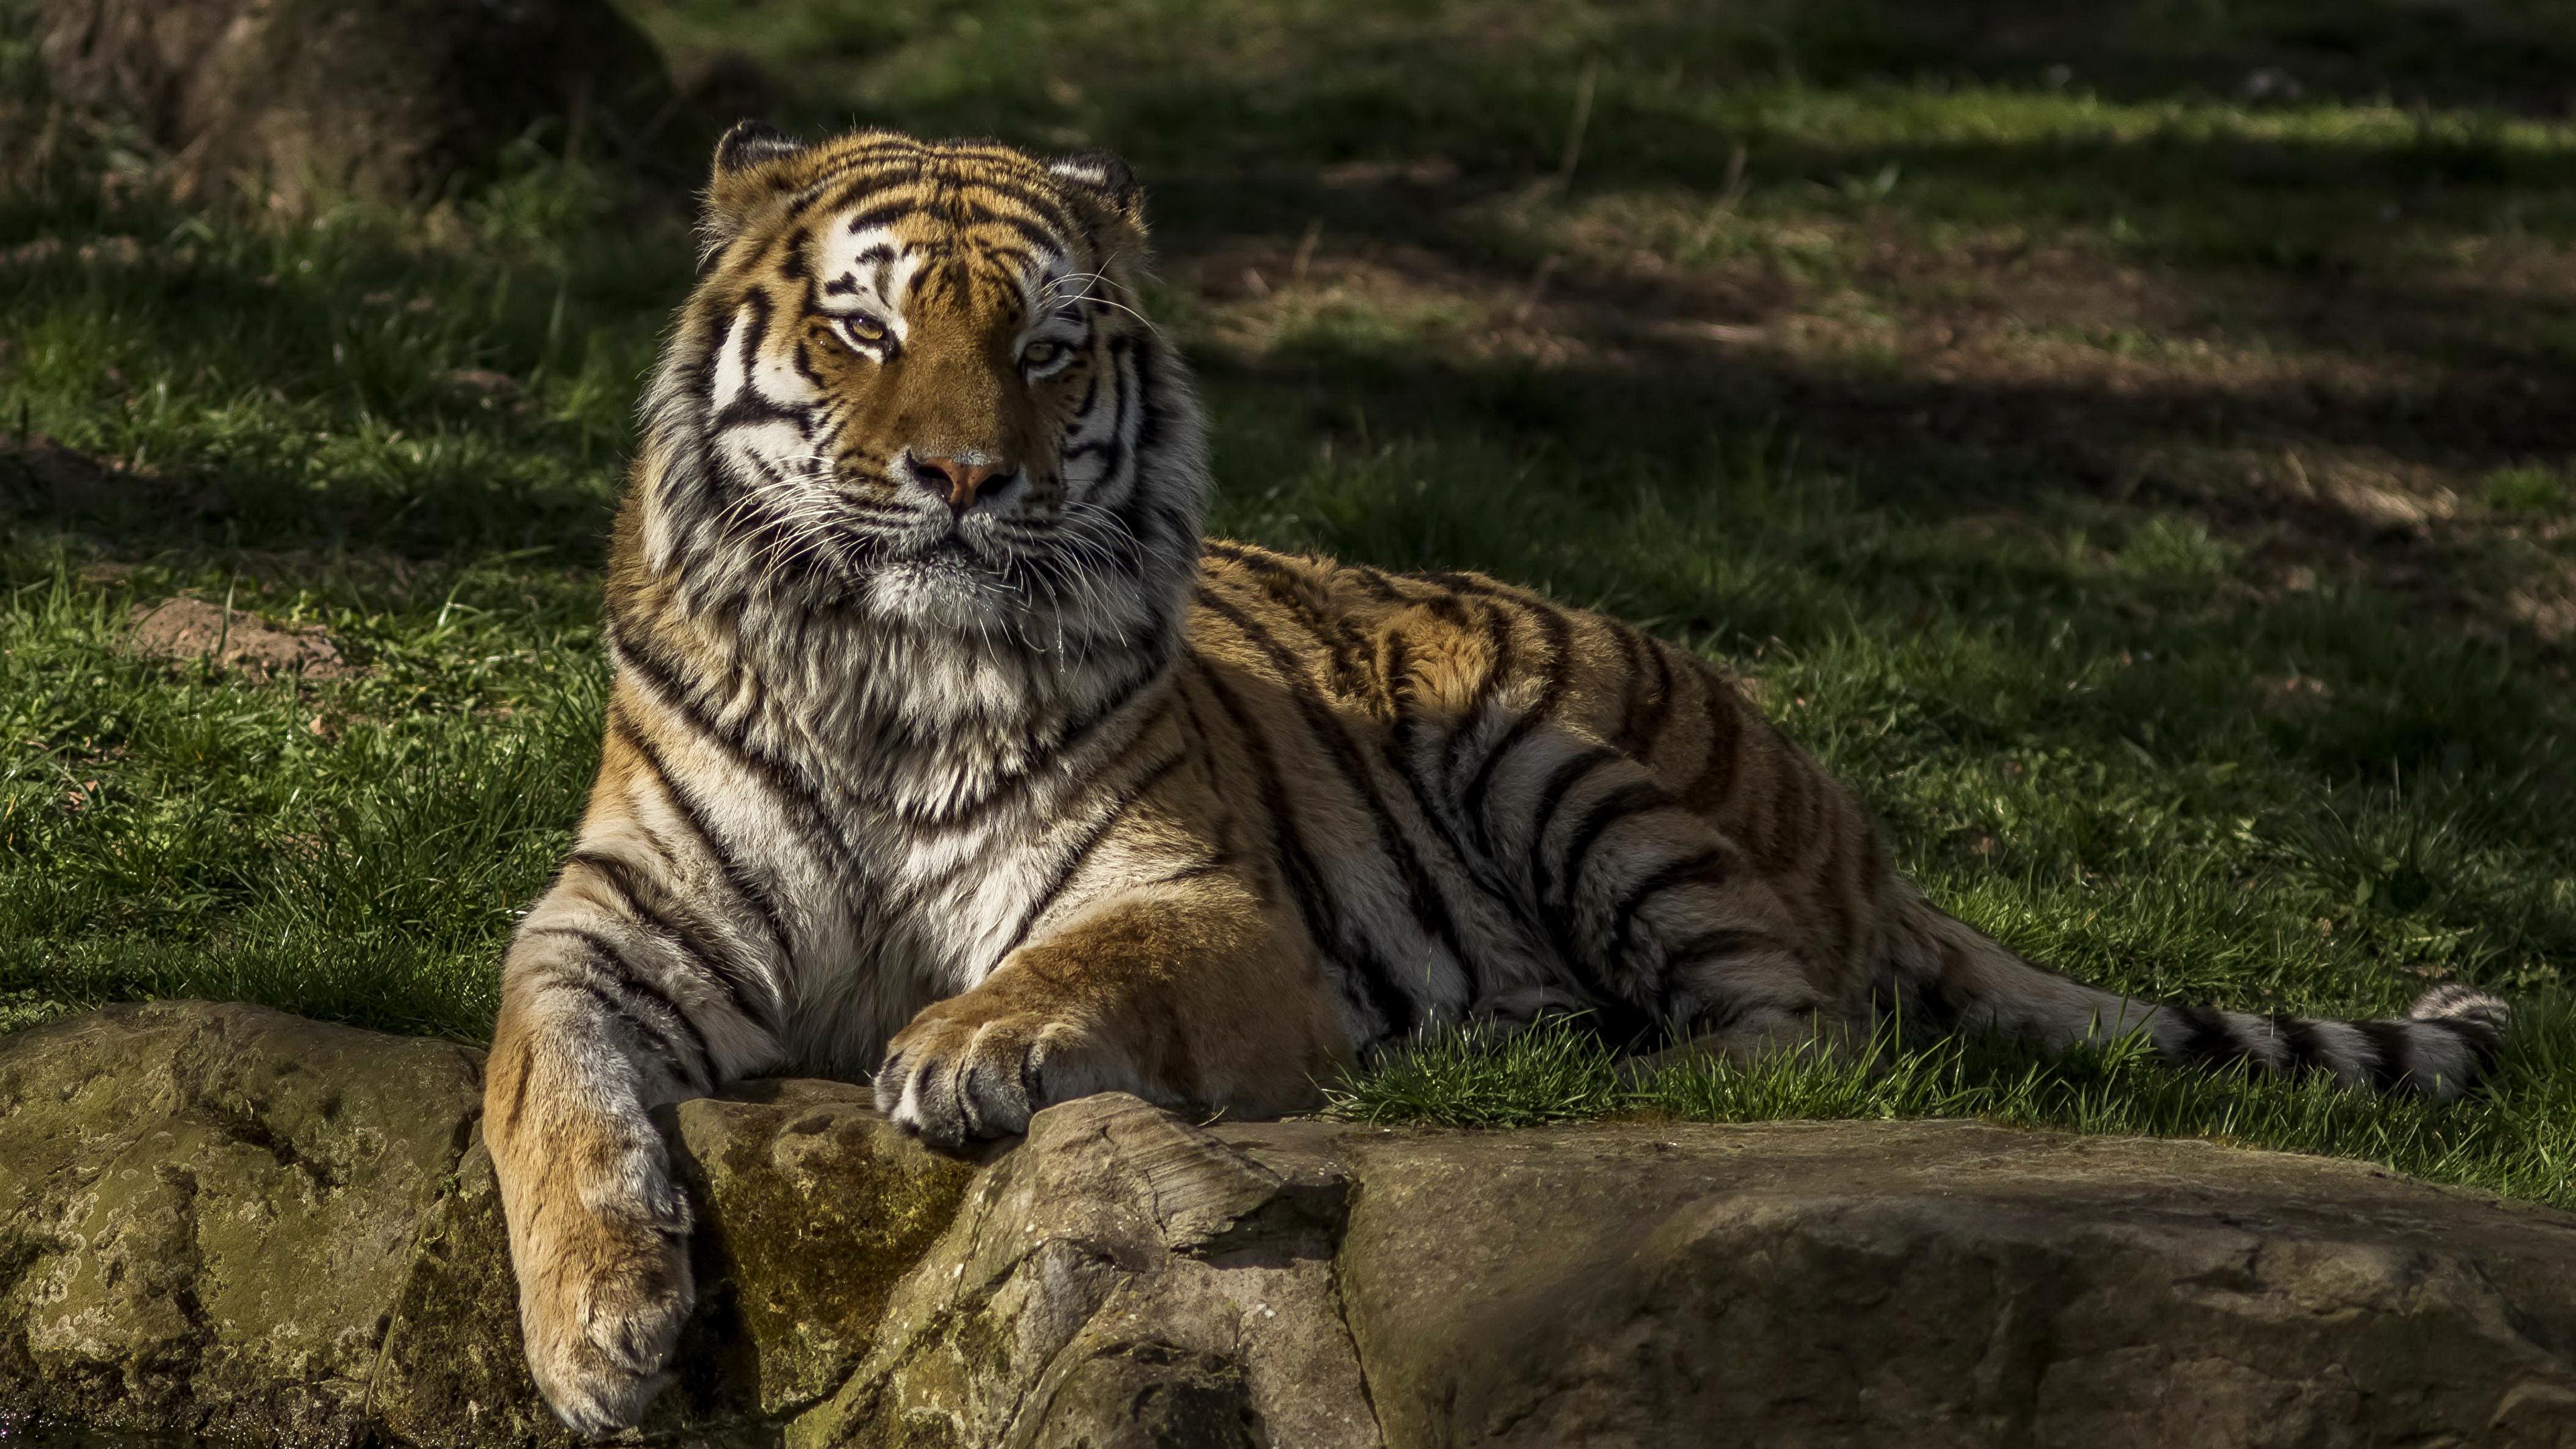 Тигр лежит мленький трава без смс